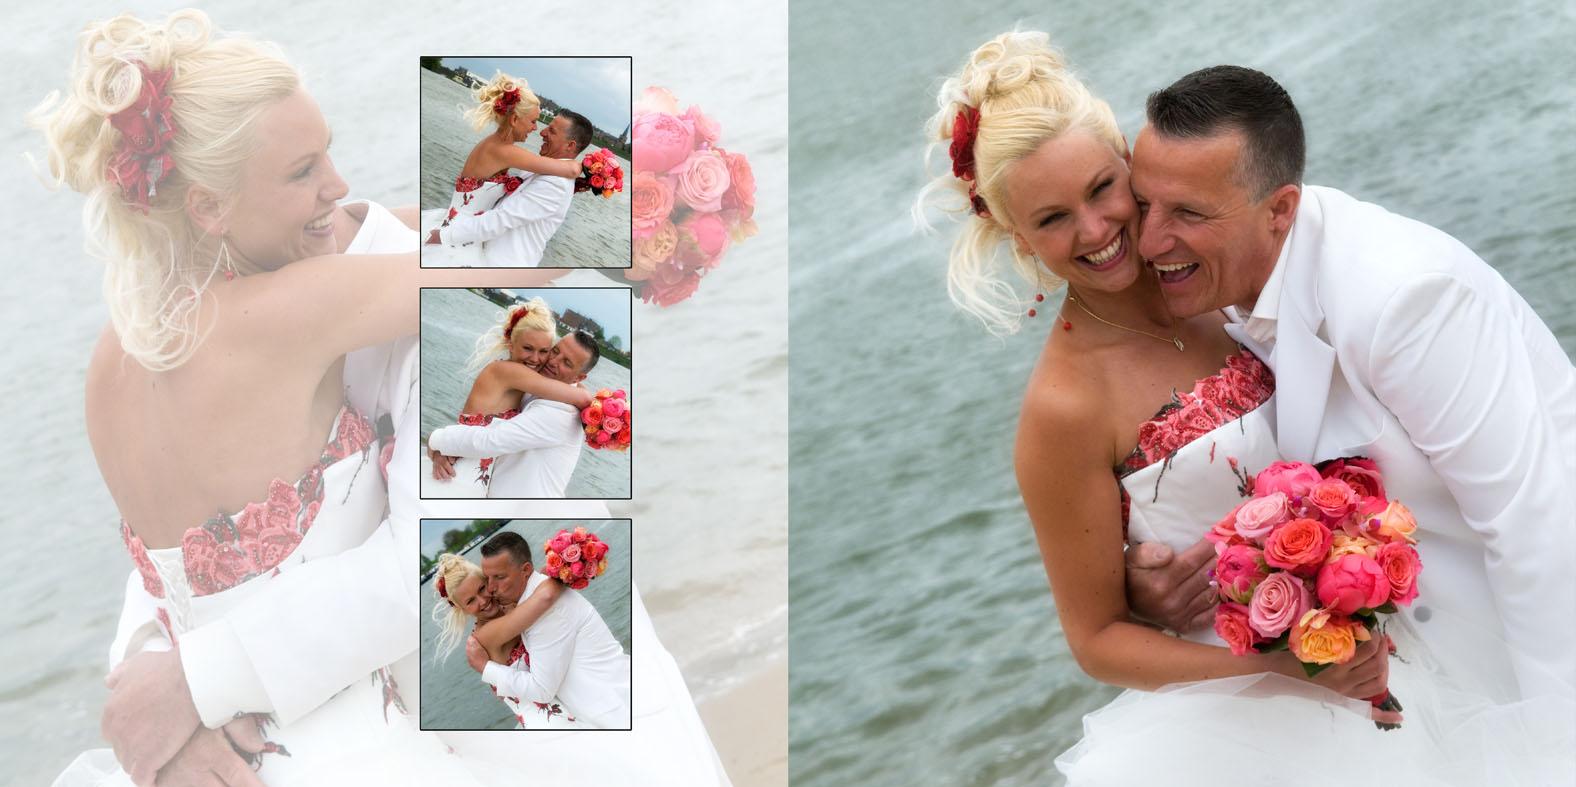 Niestadt-fotografie-Schoonhoven-trouw-fotos-Lopik-Herman-en-Jennifer-trouwboek-pagina-7